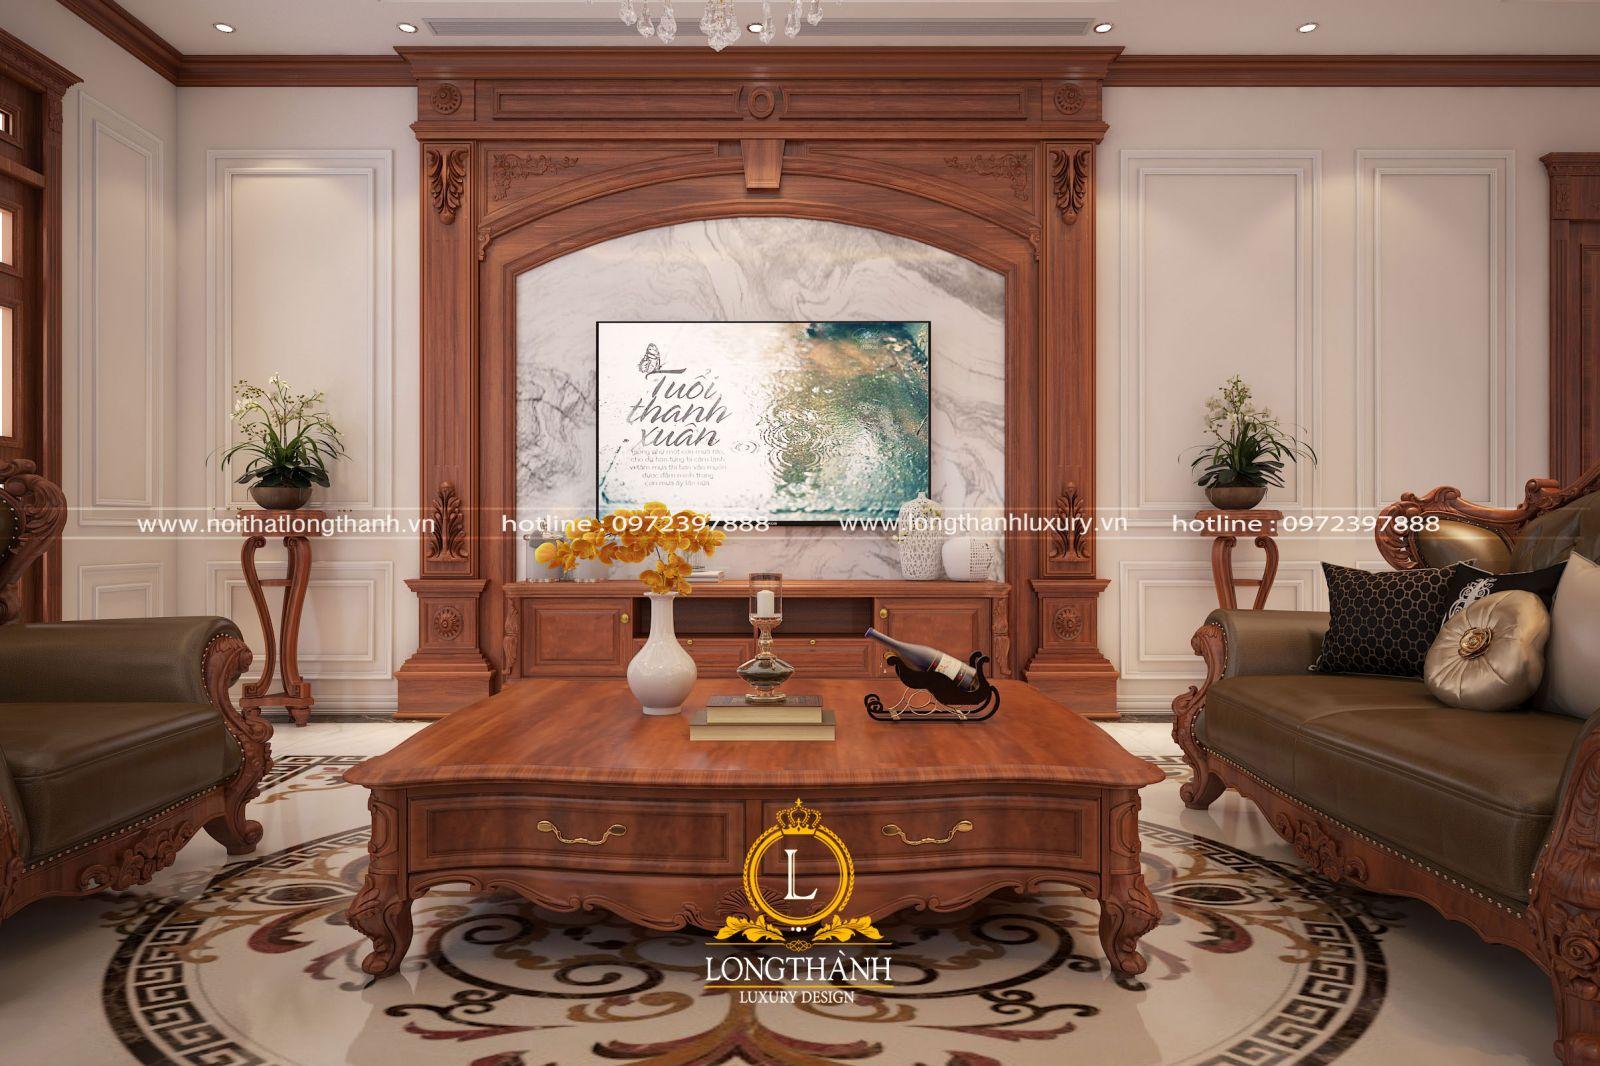 Nội thất gỗ Gõ đỏ có nhược điểm là nặng, quý hiếm và giá thành khá cao